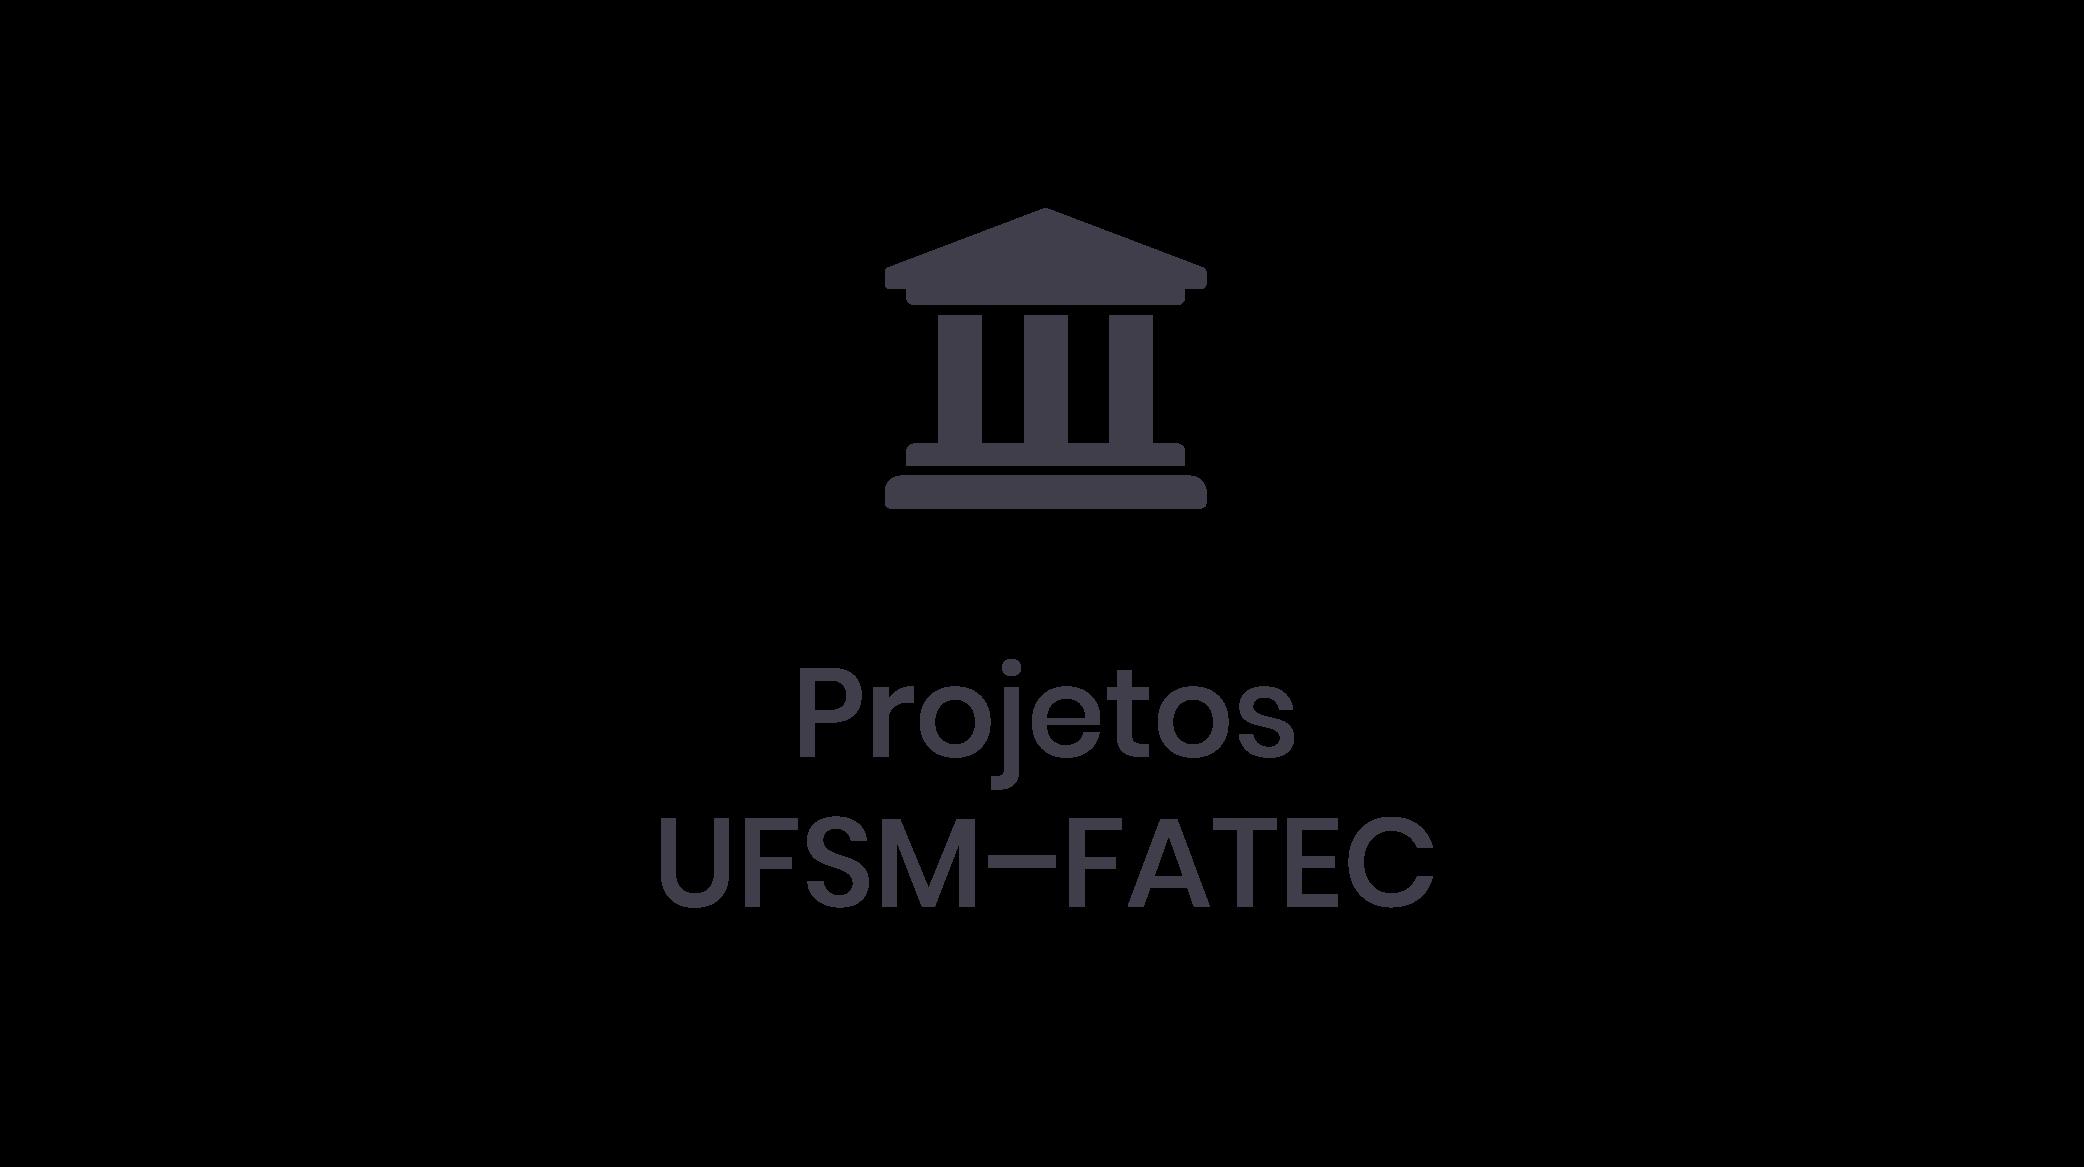 Projetos UFSM-FATEC